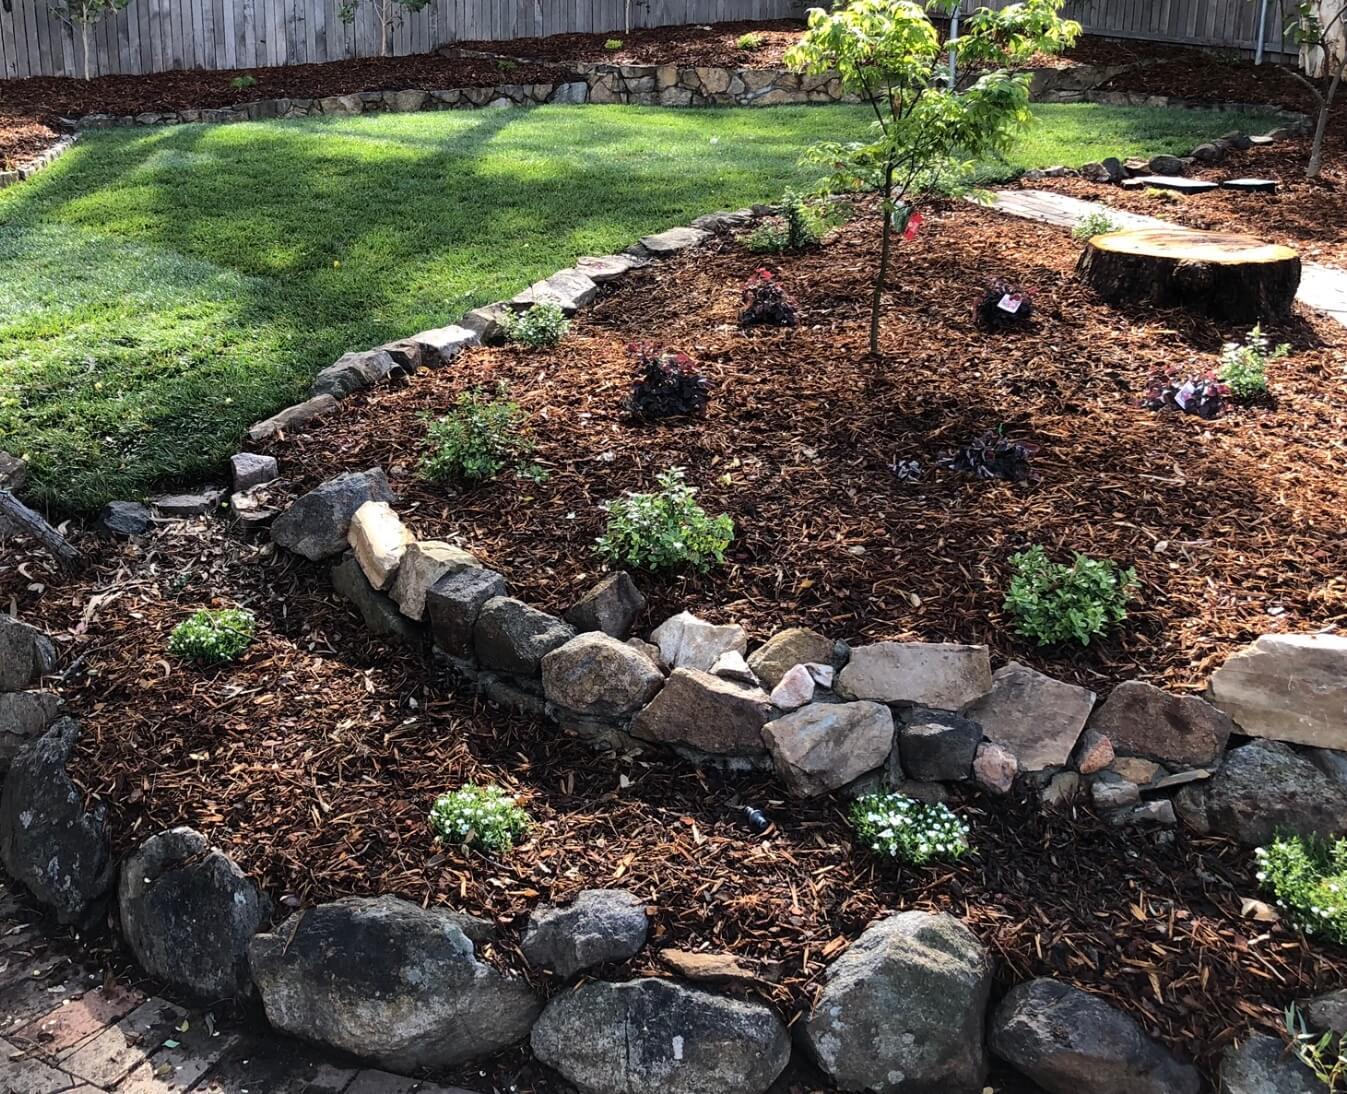 Gardengigs Garden Landscape Design Latest Work - Layered Garden Design Mulched